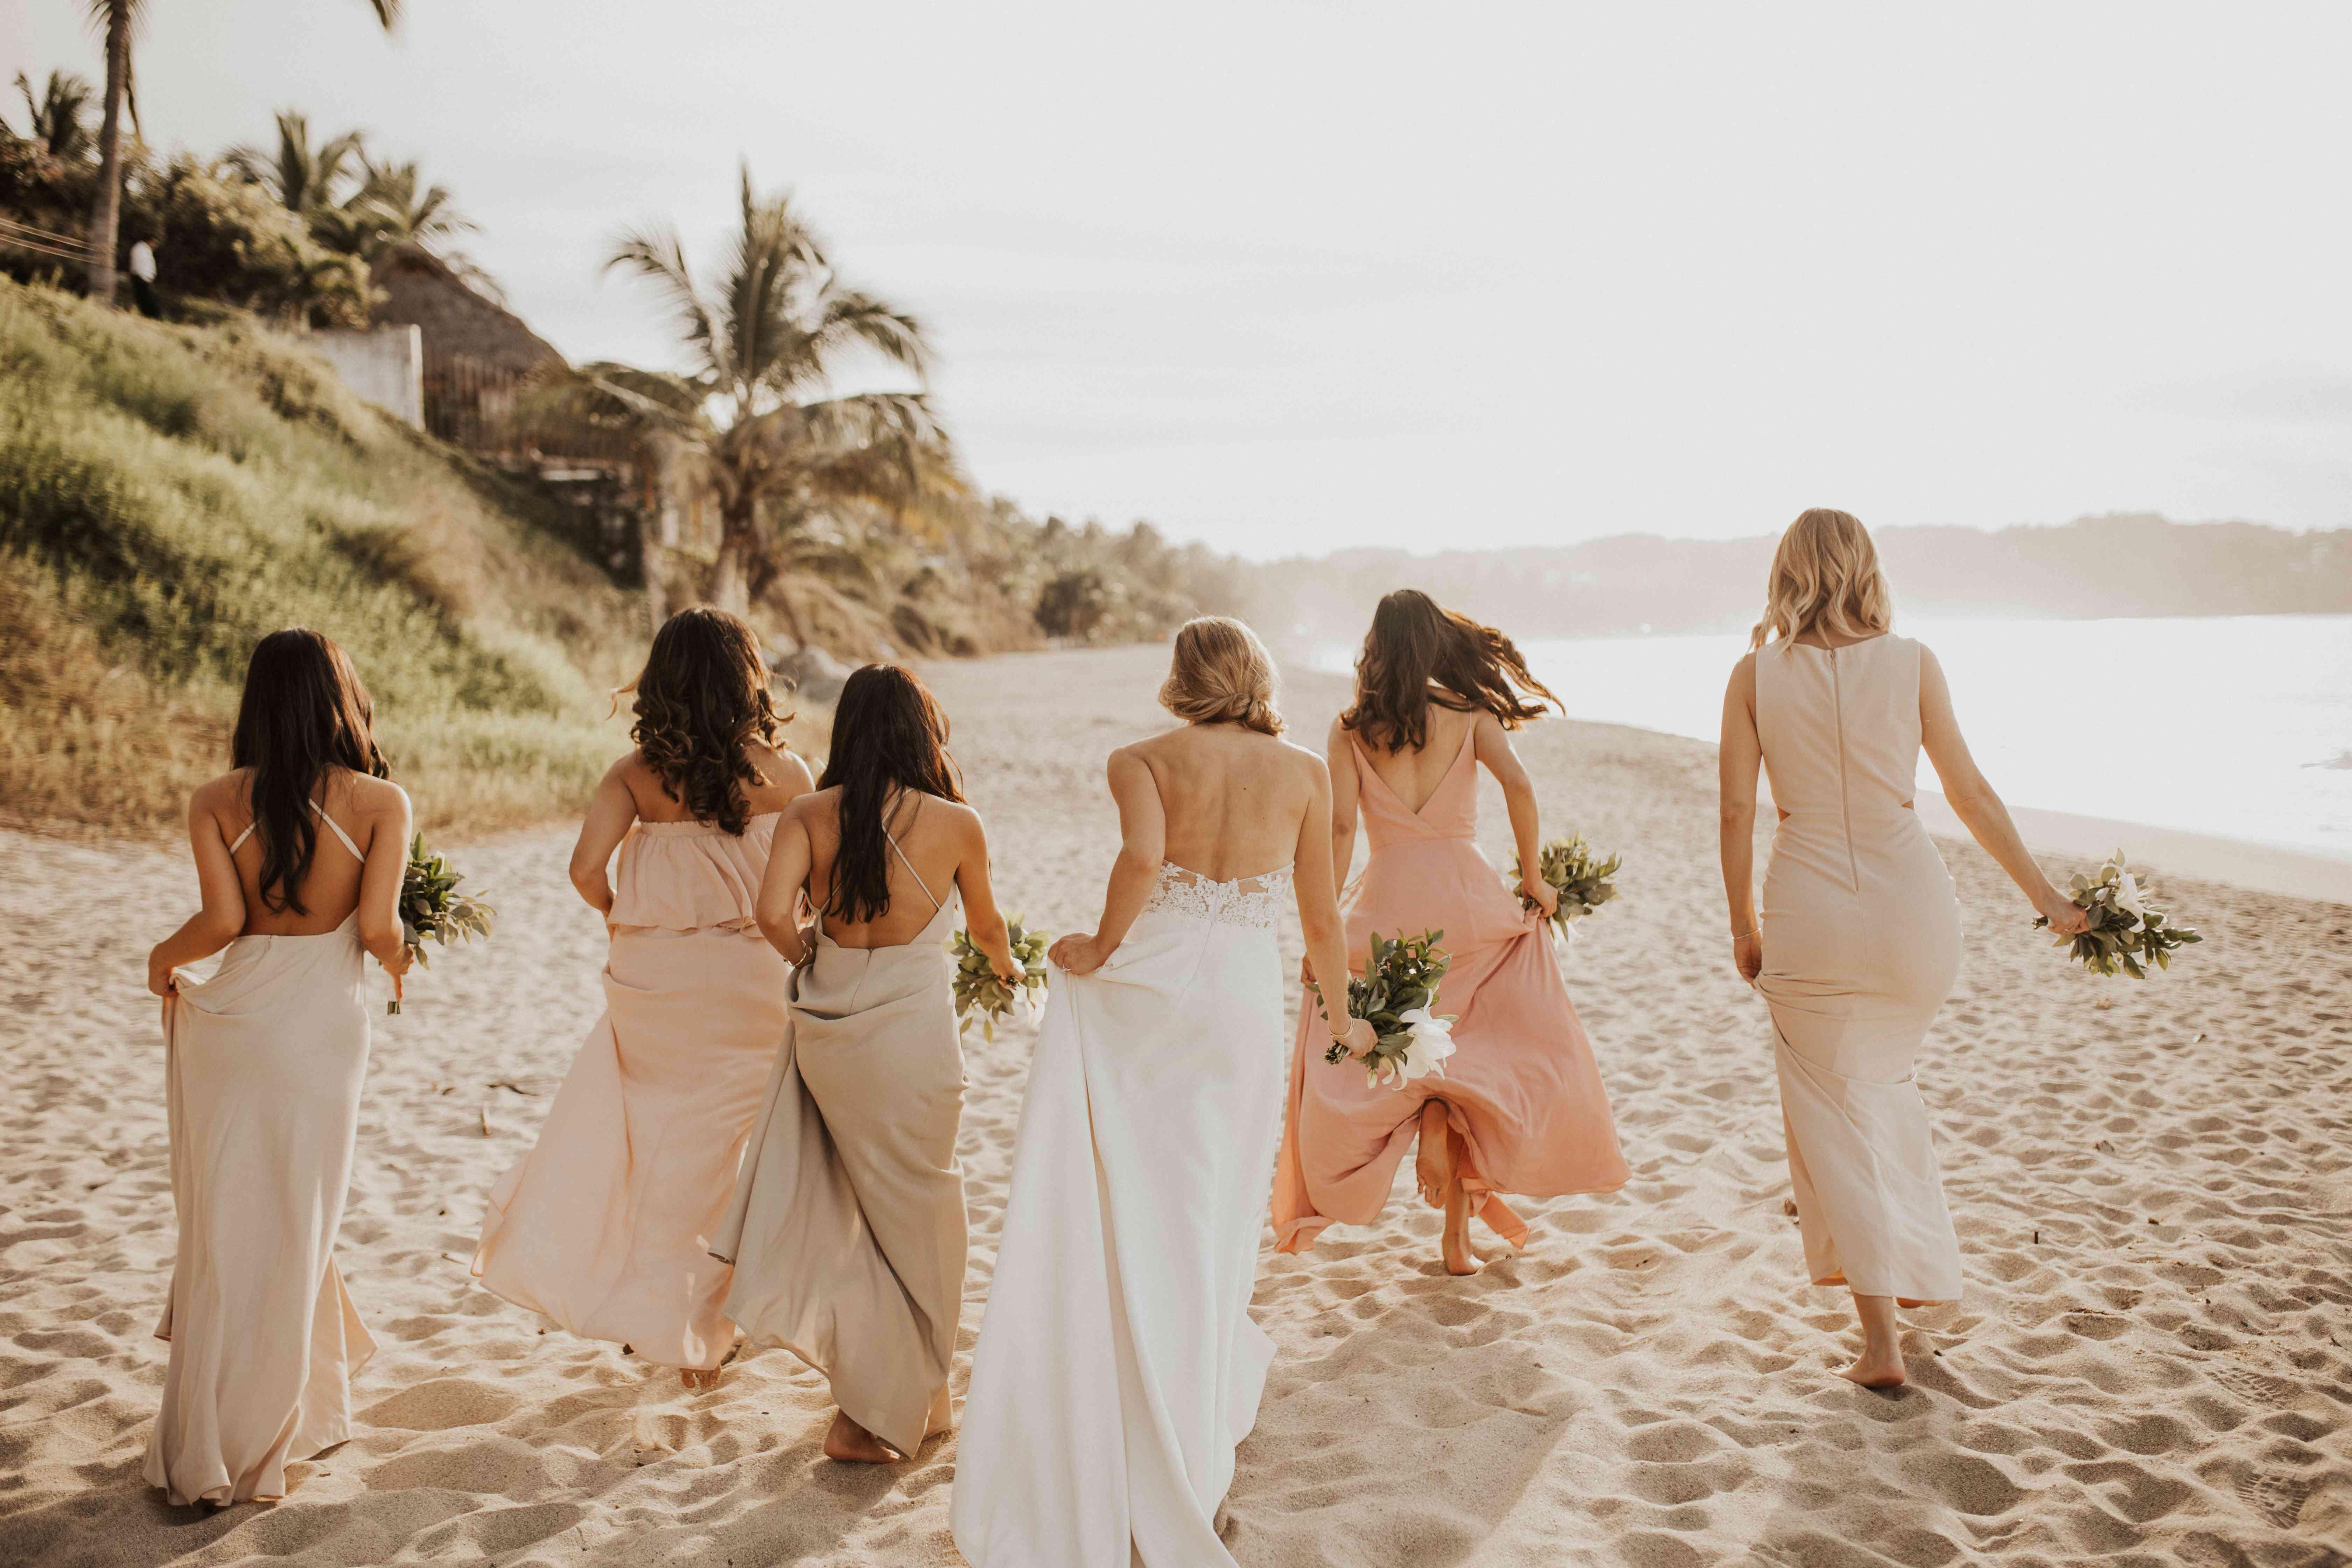 <p>Brides running down beach</p><br><br>